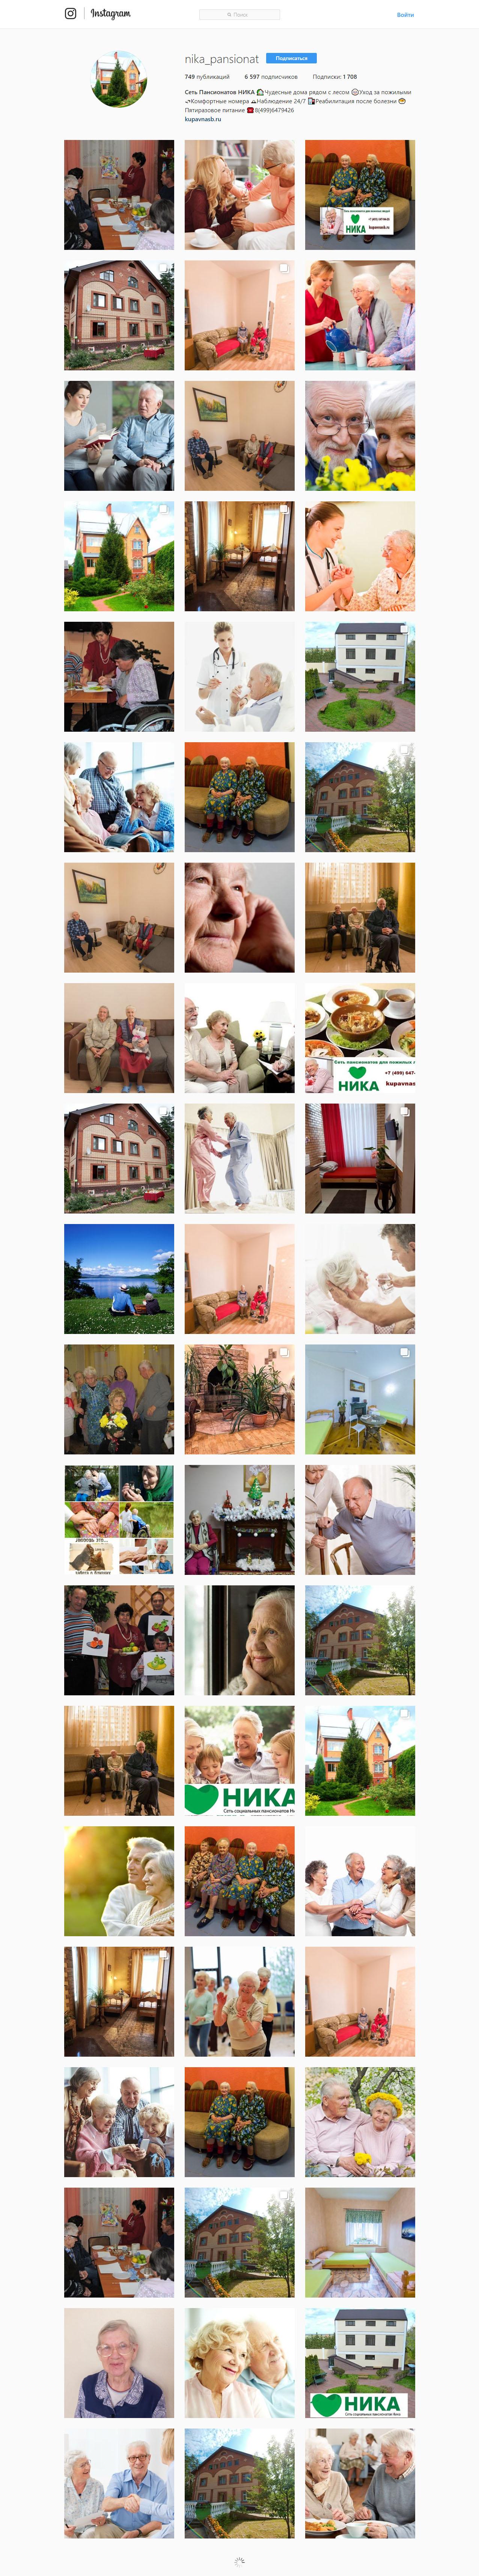 Продвижение инстаграм сети домов престарелых